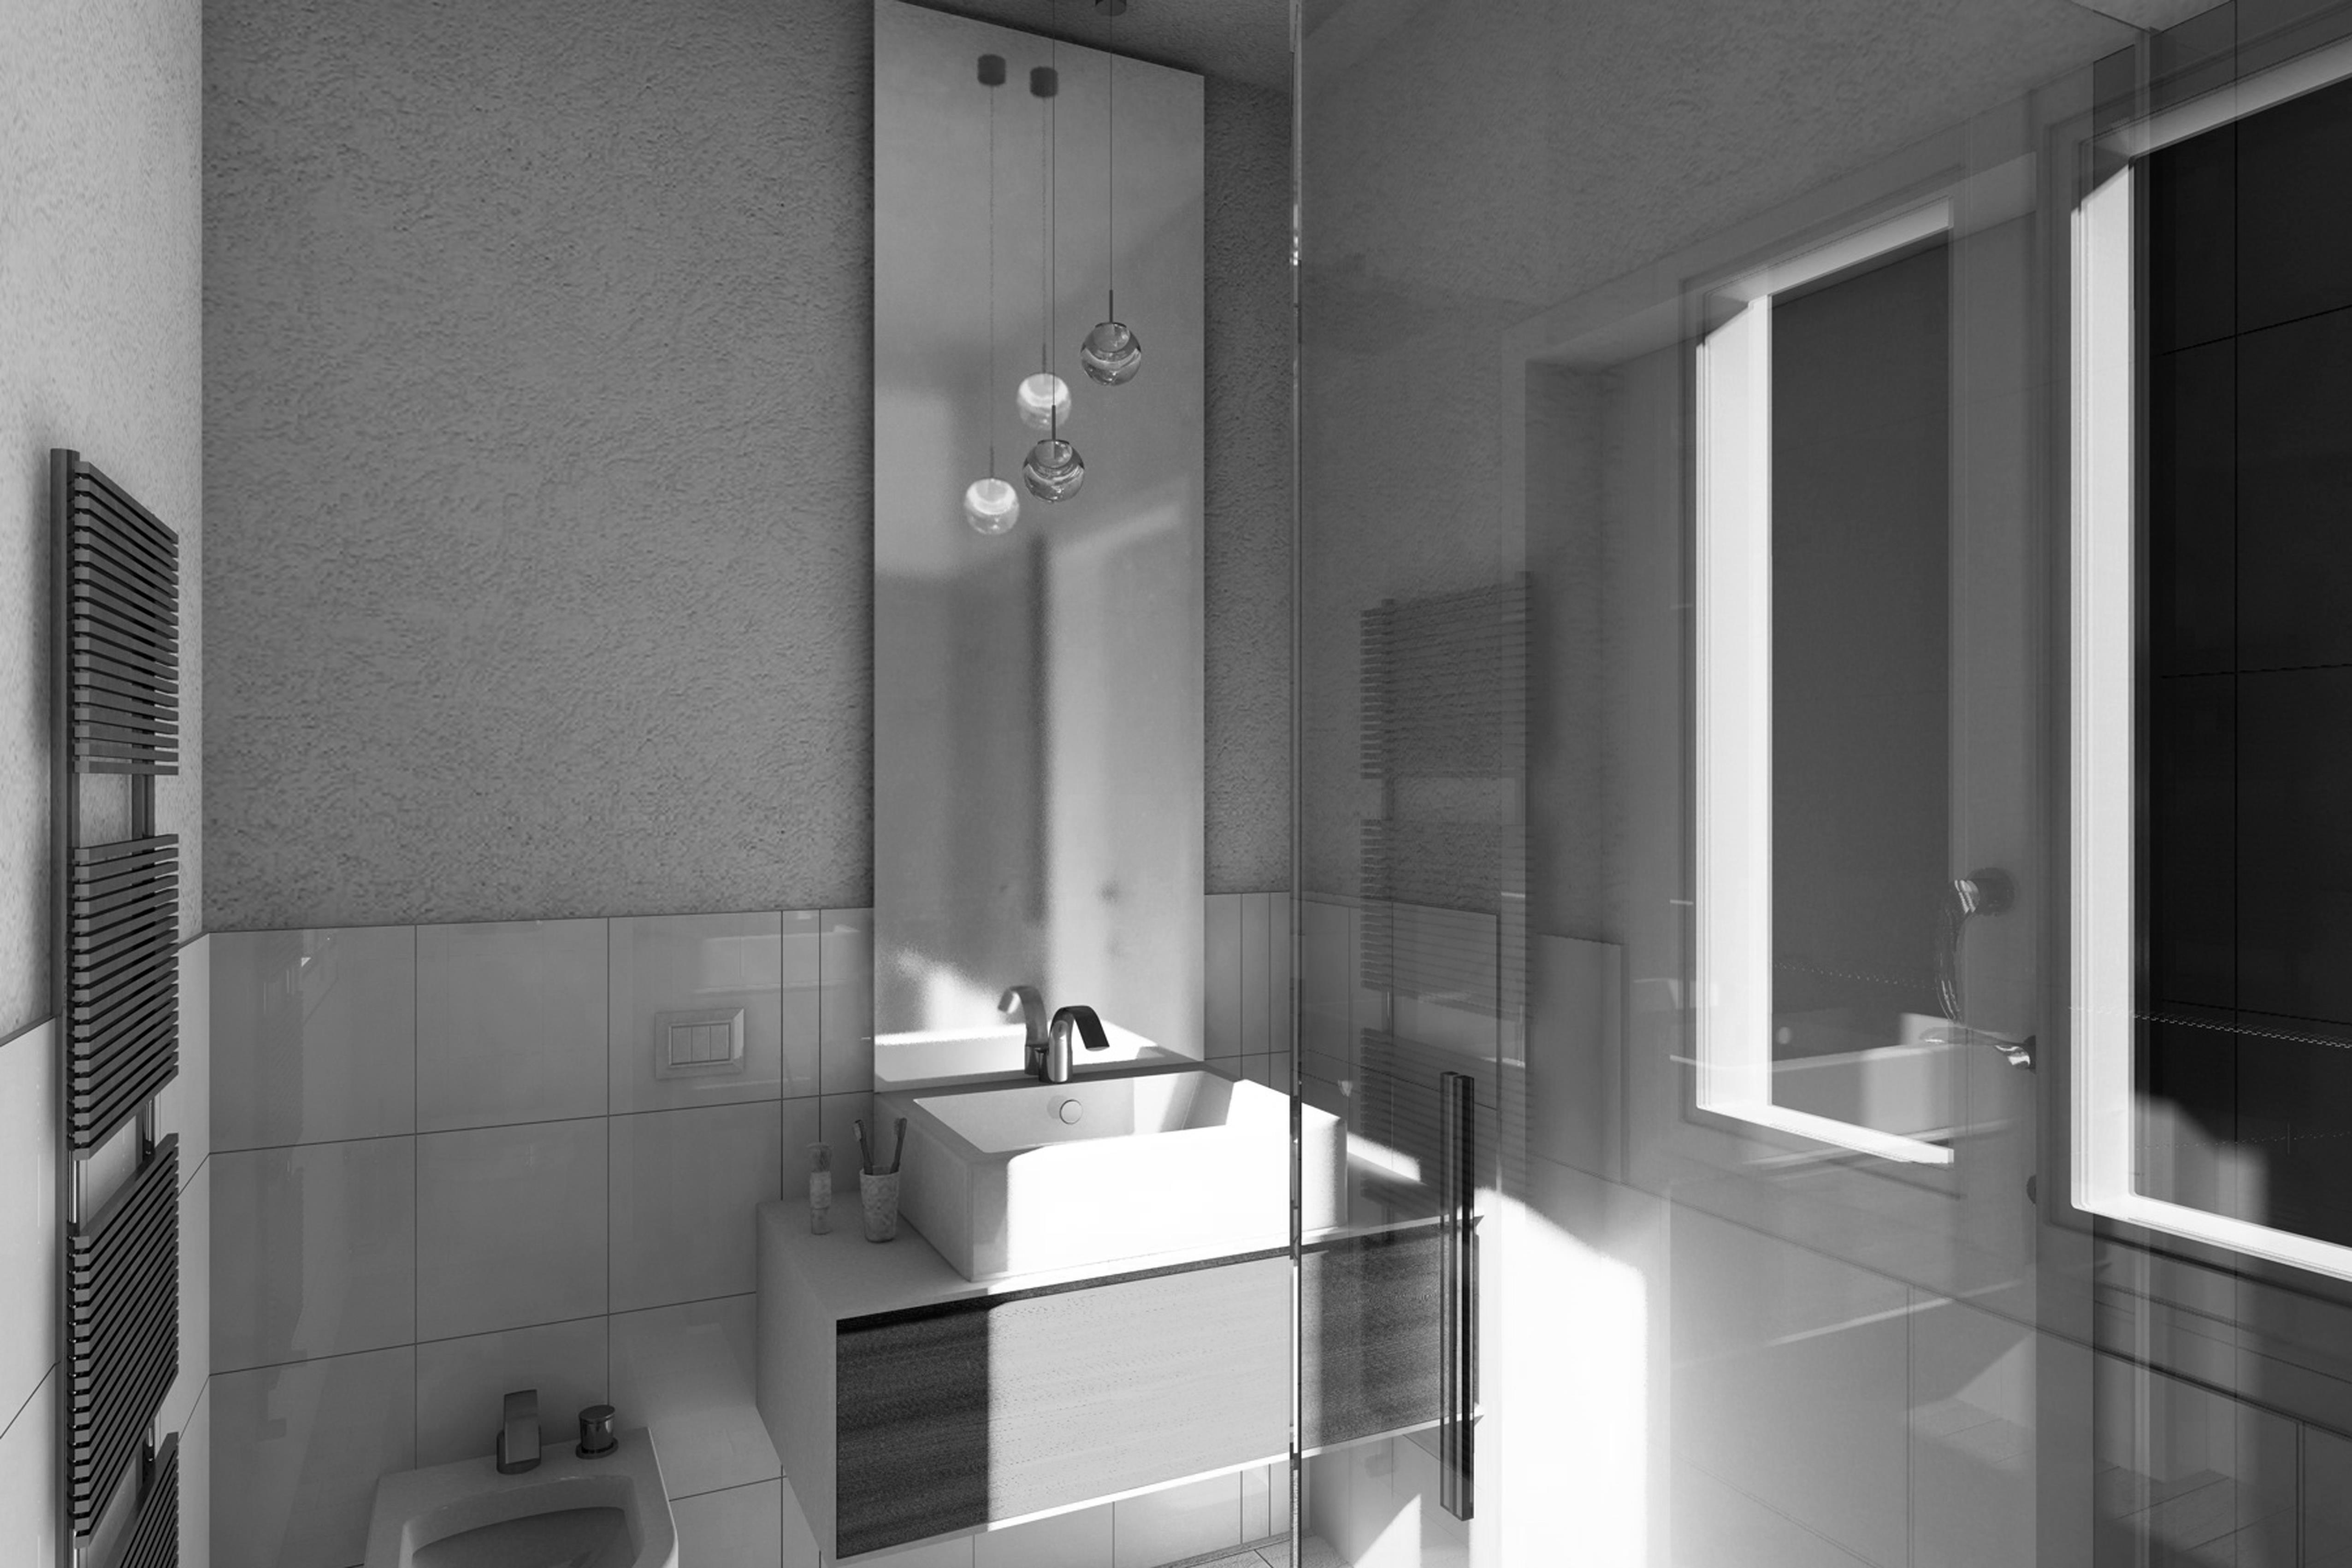 Bagno Aperto In Stile Moderno By Edone Design Interior : Design bagno moderno